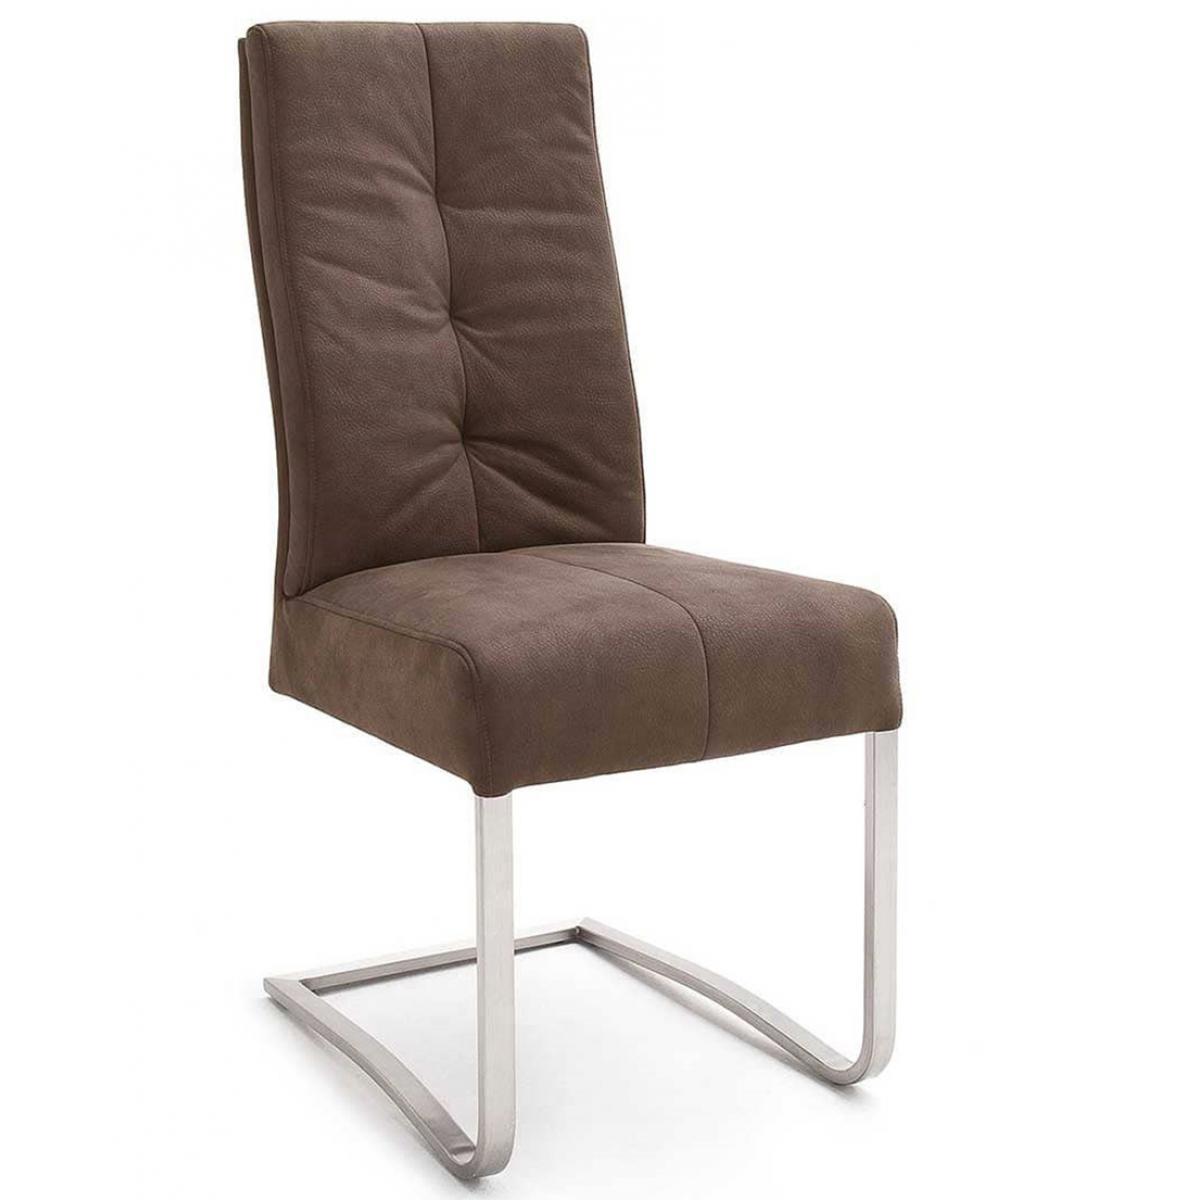 Pegane Lot de 2 chaises de salle à manger en acier et tissu coloris sable - L.45 x H.102 x P.63 cm -PEGANE-